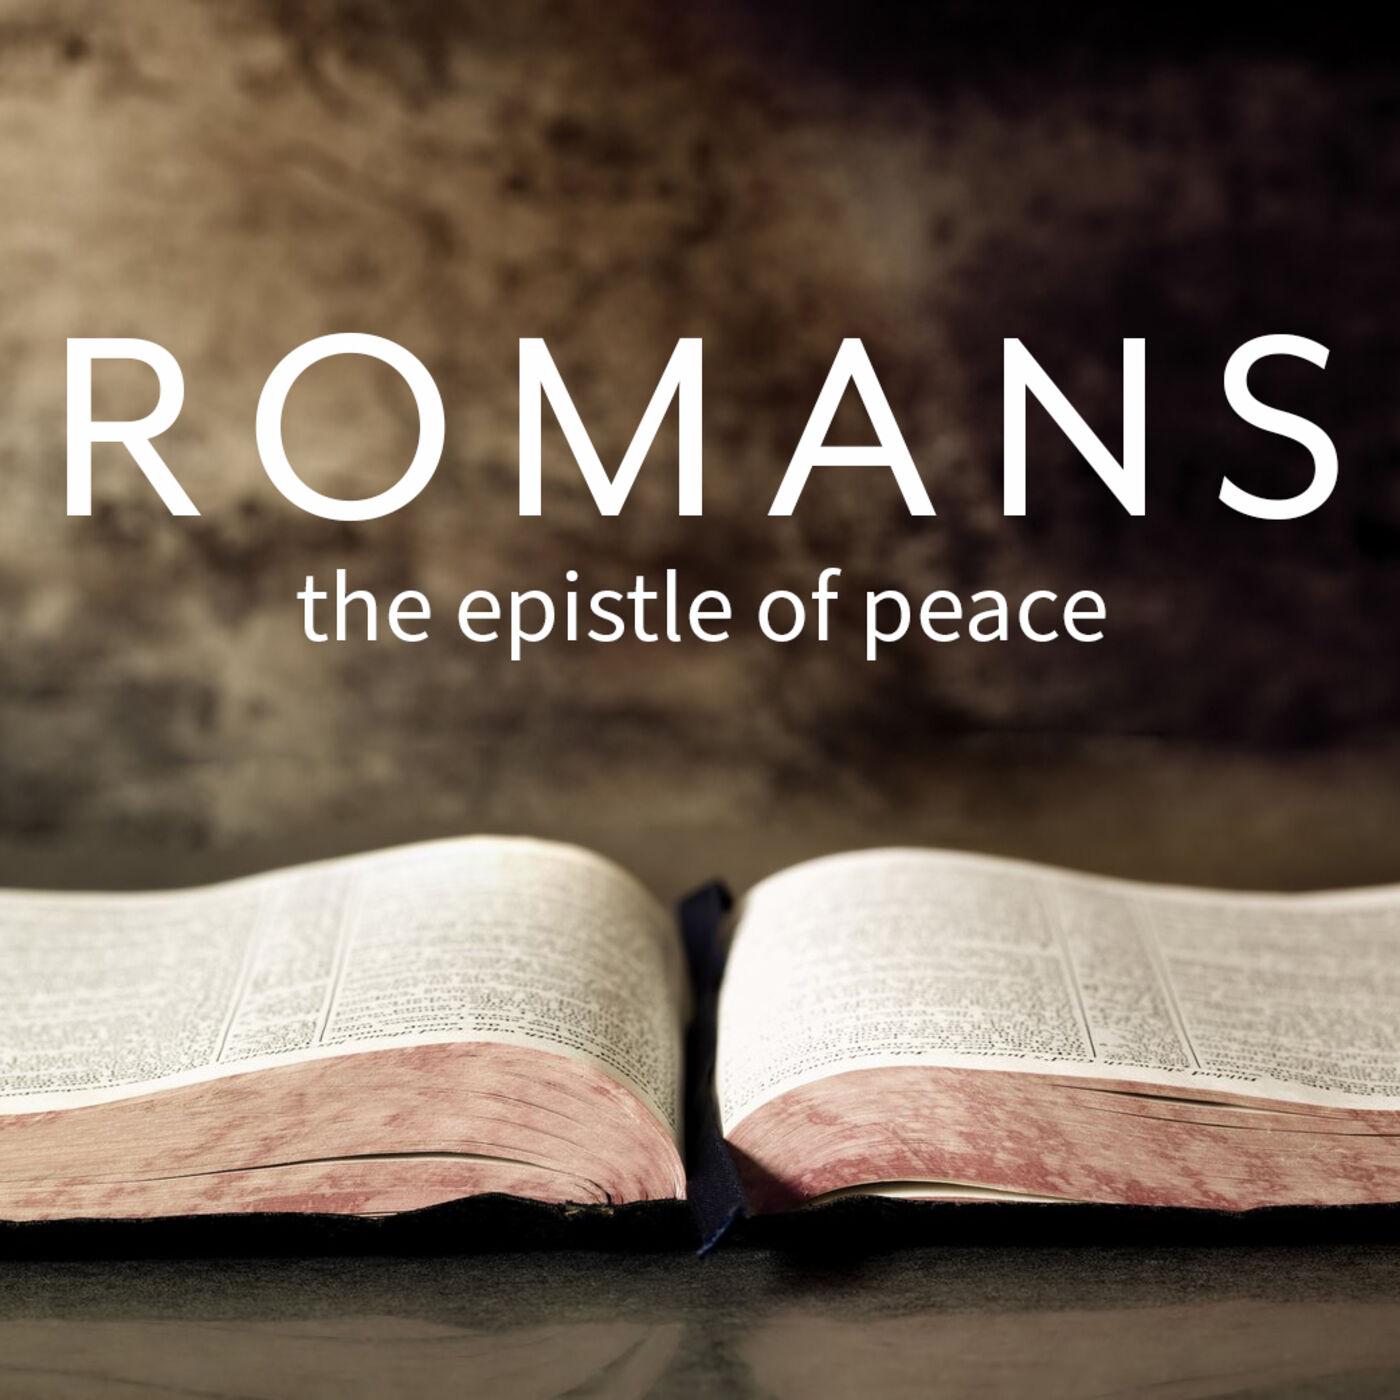 Romans: The Epistle of Peace (part 1)